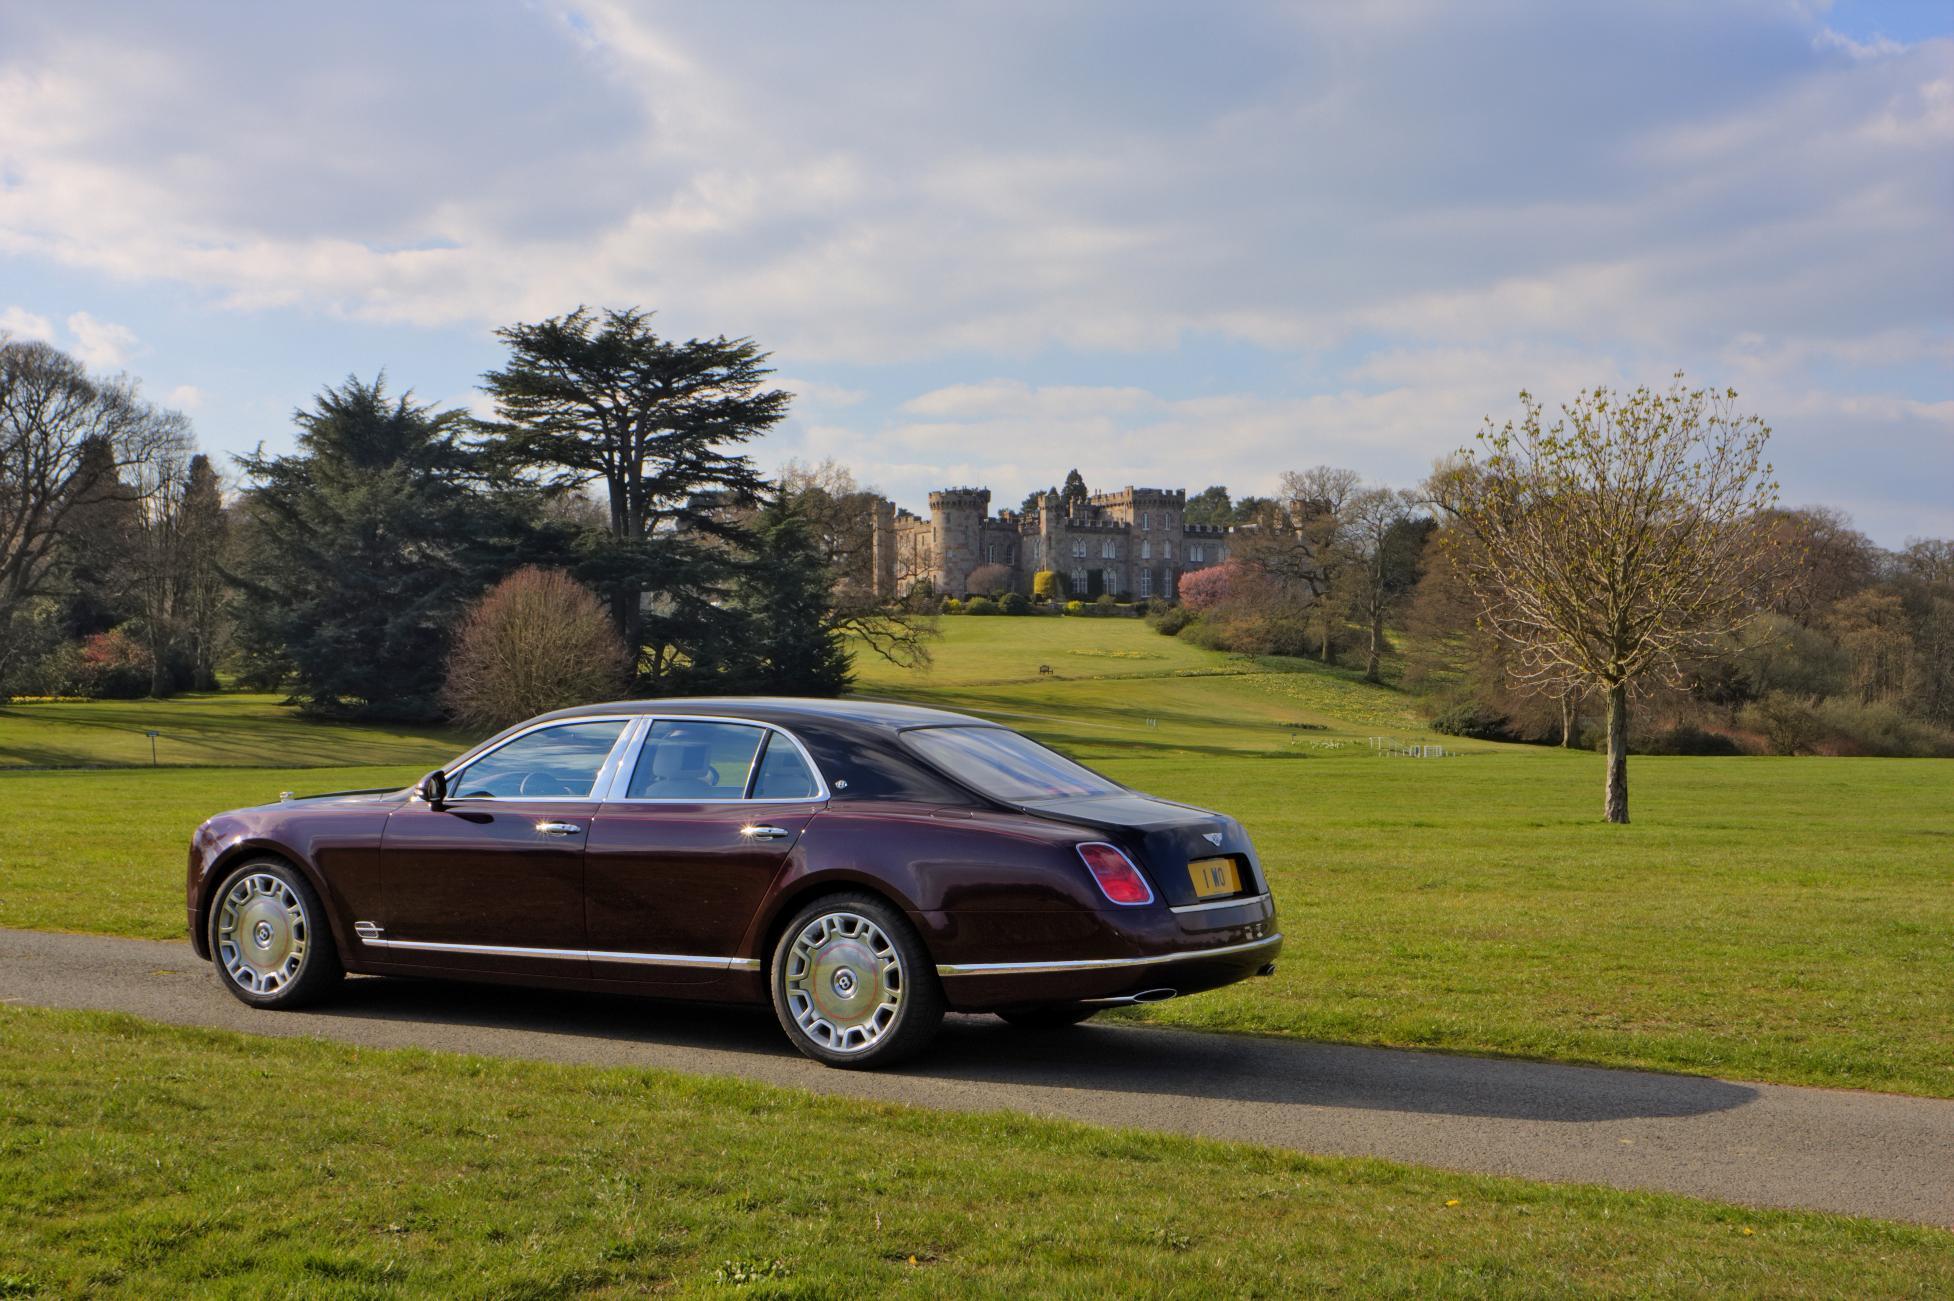 Bentley Mulsanne Diamond Jubilee Edition Rear